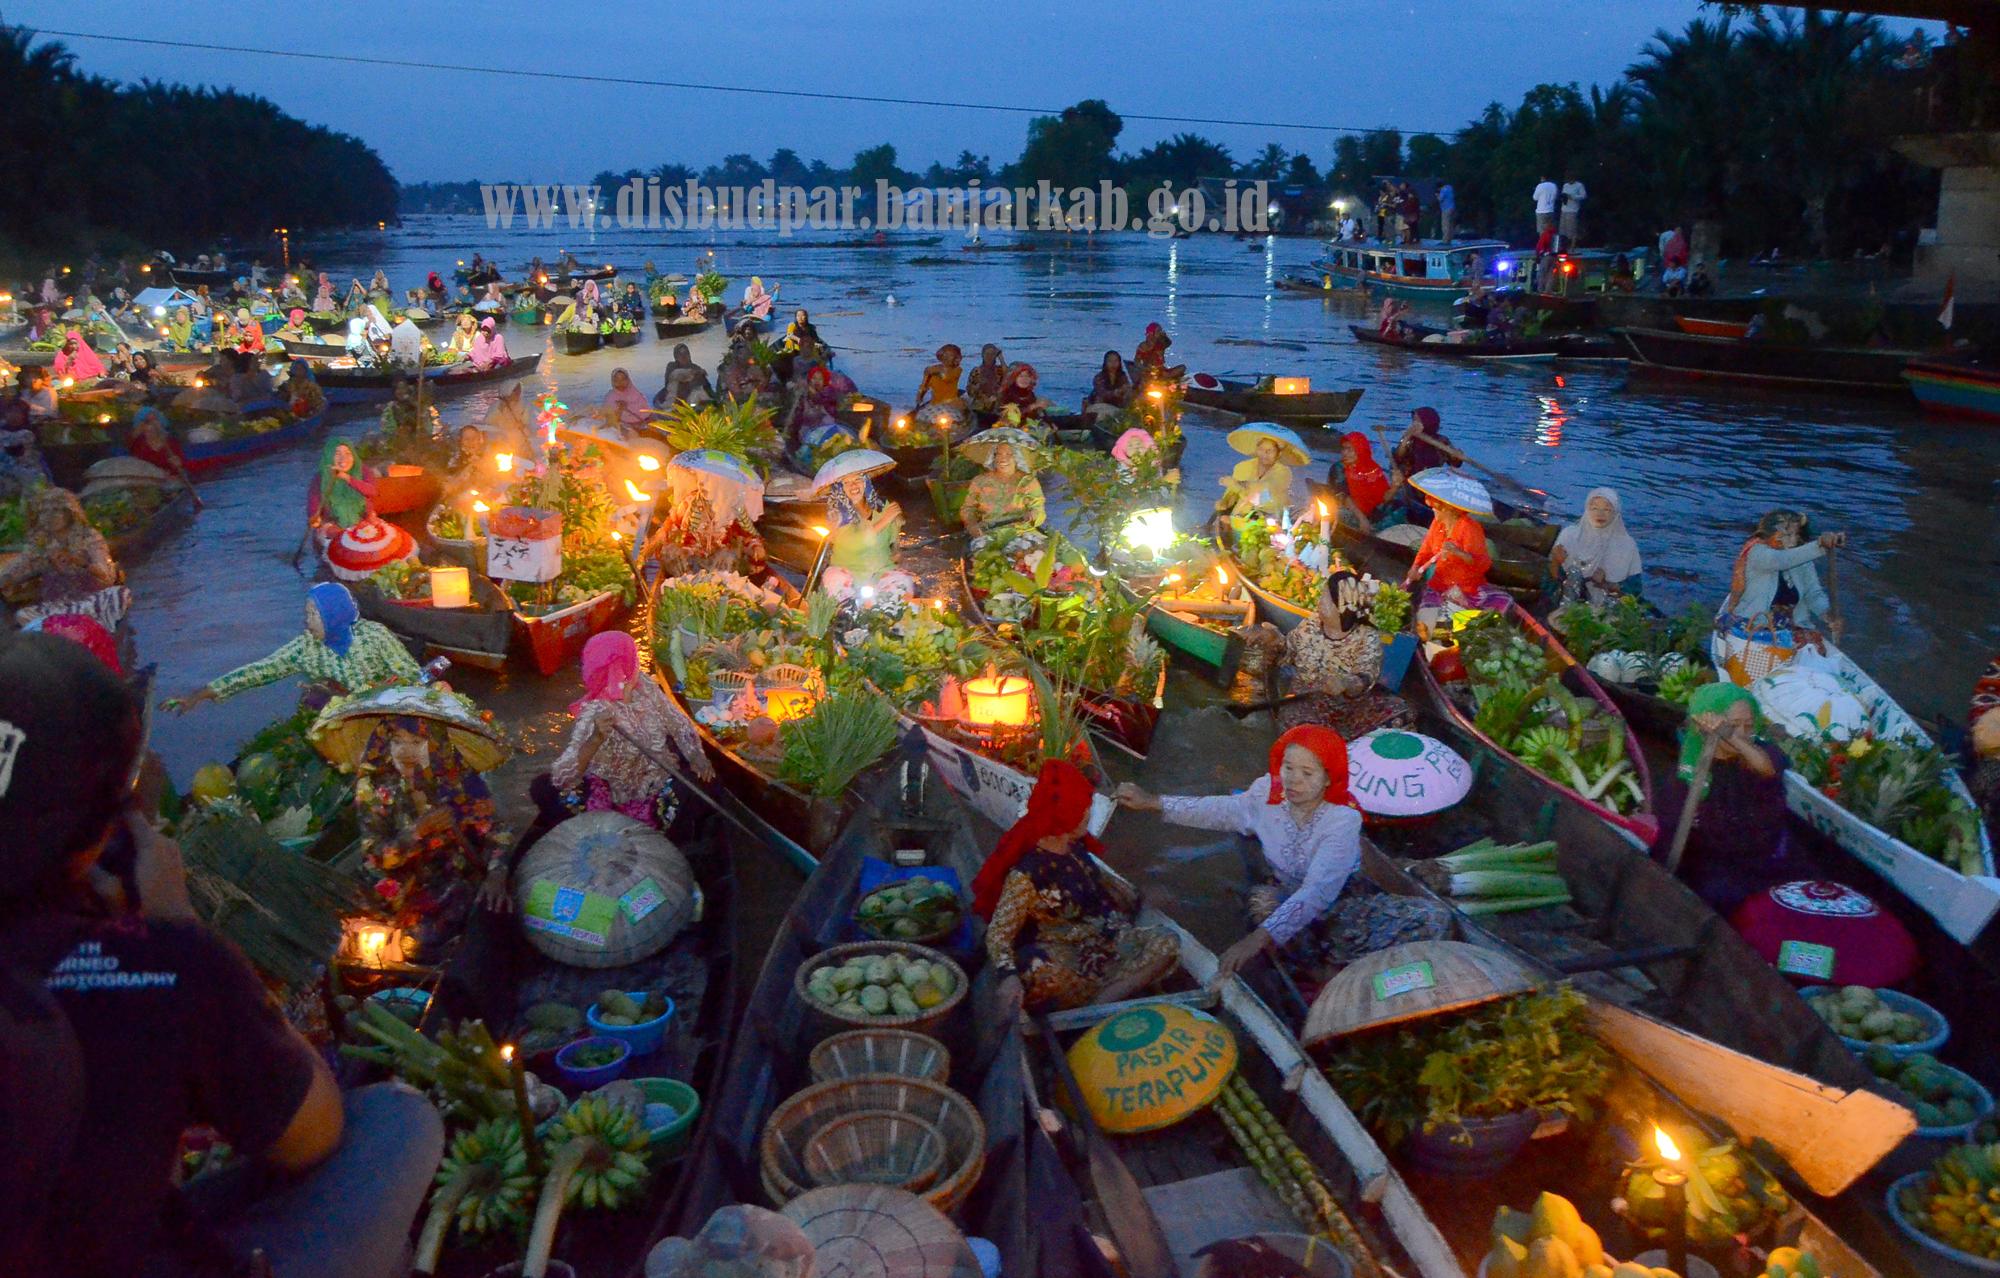 Dinas Kebudayaan Pariwisata Kabupaten Banjar Pasar Terapung Lok Baintan Kab